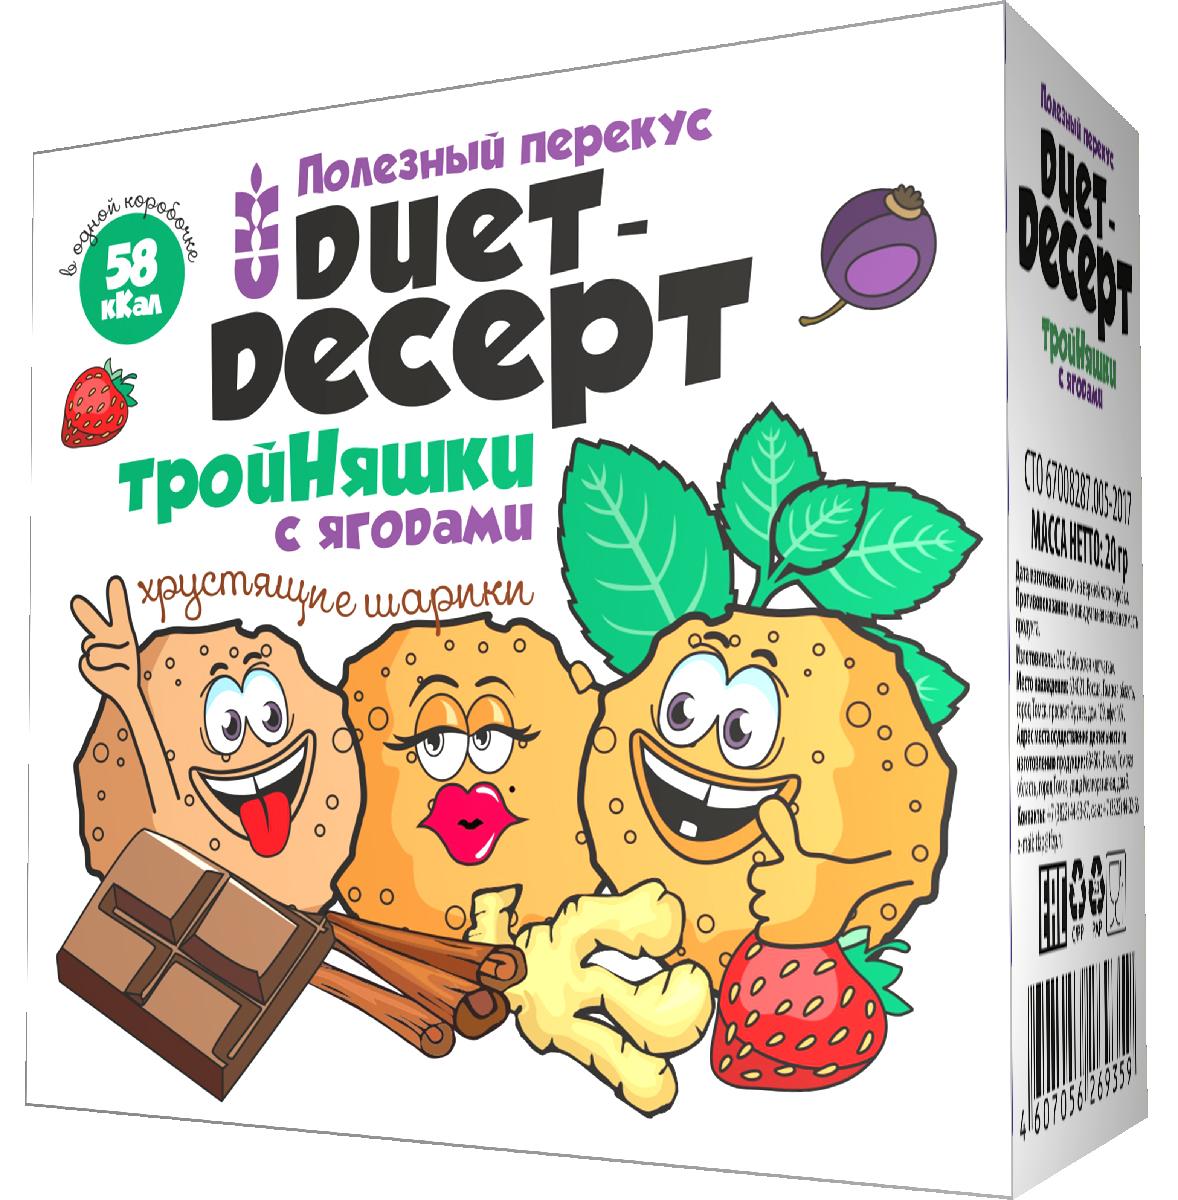 Сибирские снеки Duet-десерт ТройНяшки с ягодами, 20 г5007Позитивный DUET-десерт «Полезный перекус»! В составе только натуральные компоненты. Упакован в удобную коробочку, которую приятно взять с собой, куда бы вы не отправлялись! На прогулку, на учебу, на работу, в путешествие и на свидание. Похрустите вкусно, весело и с пользой!